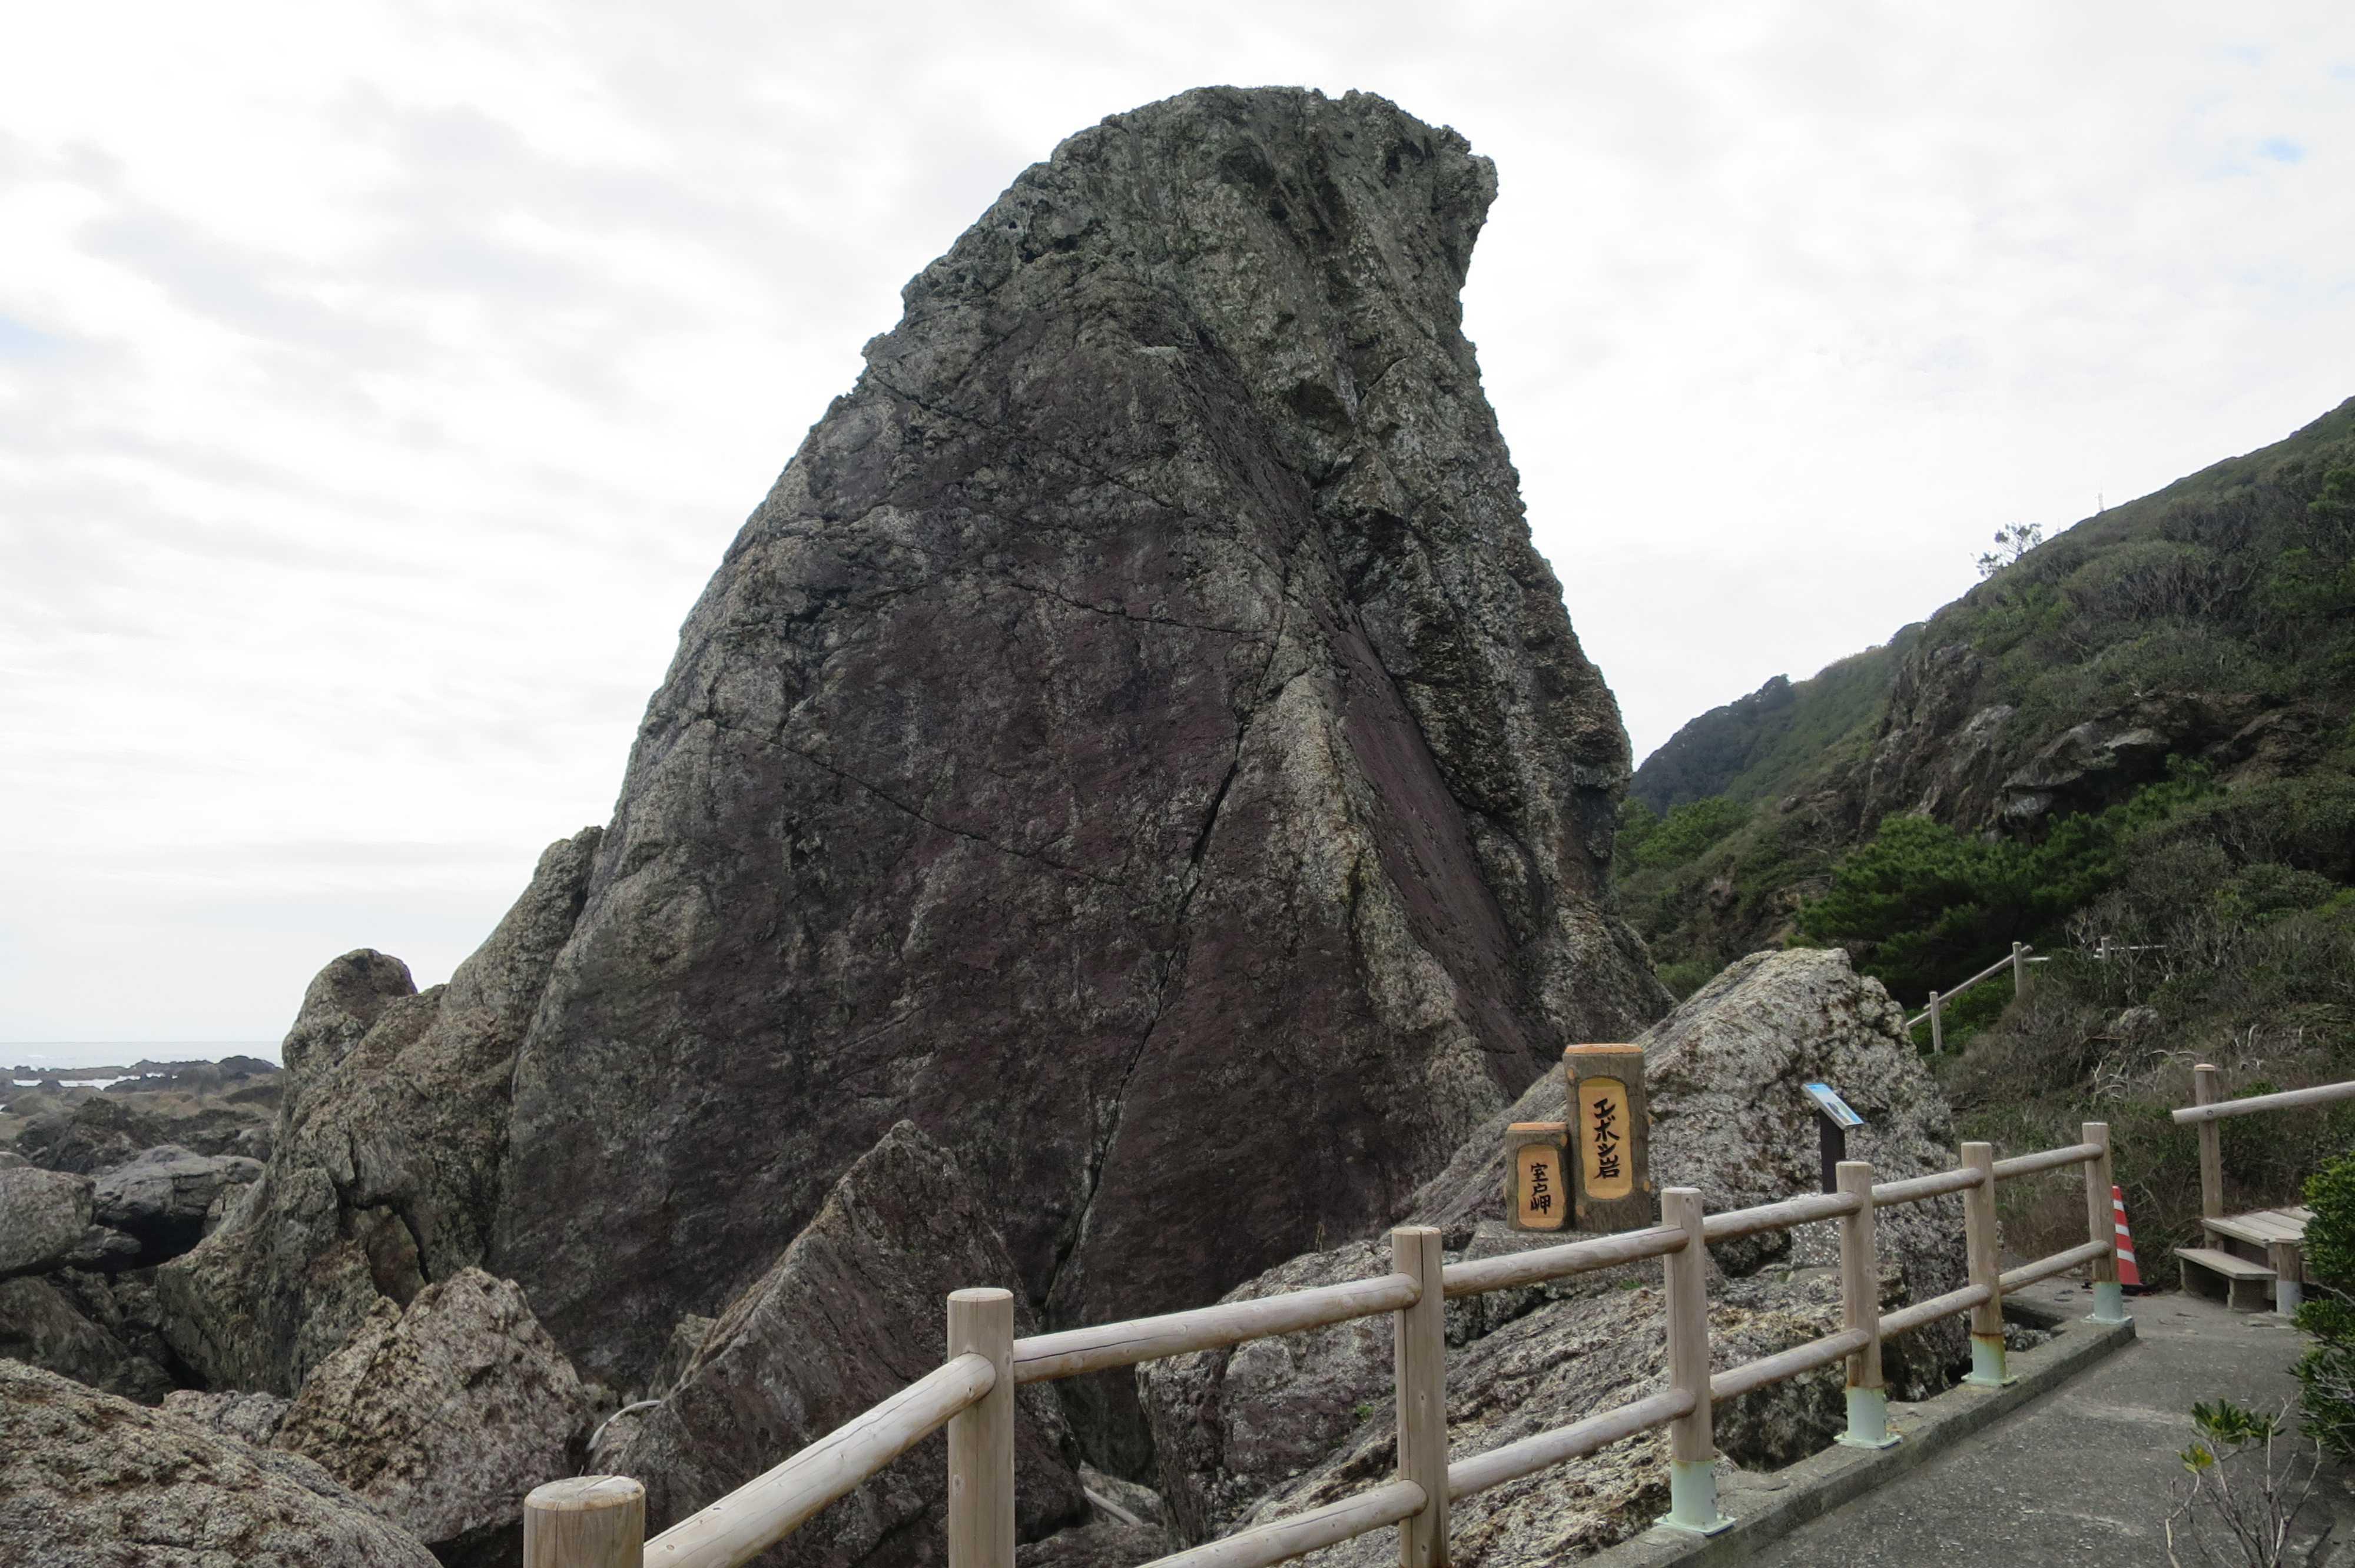 エボシ岩 - 室戸岬